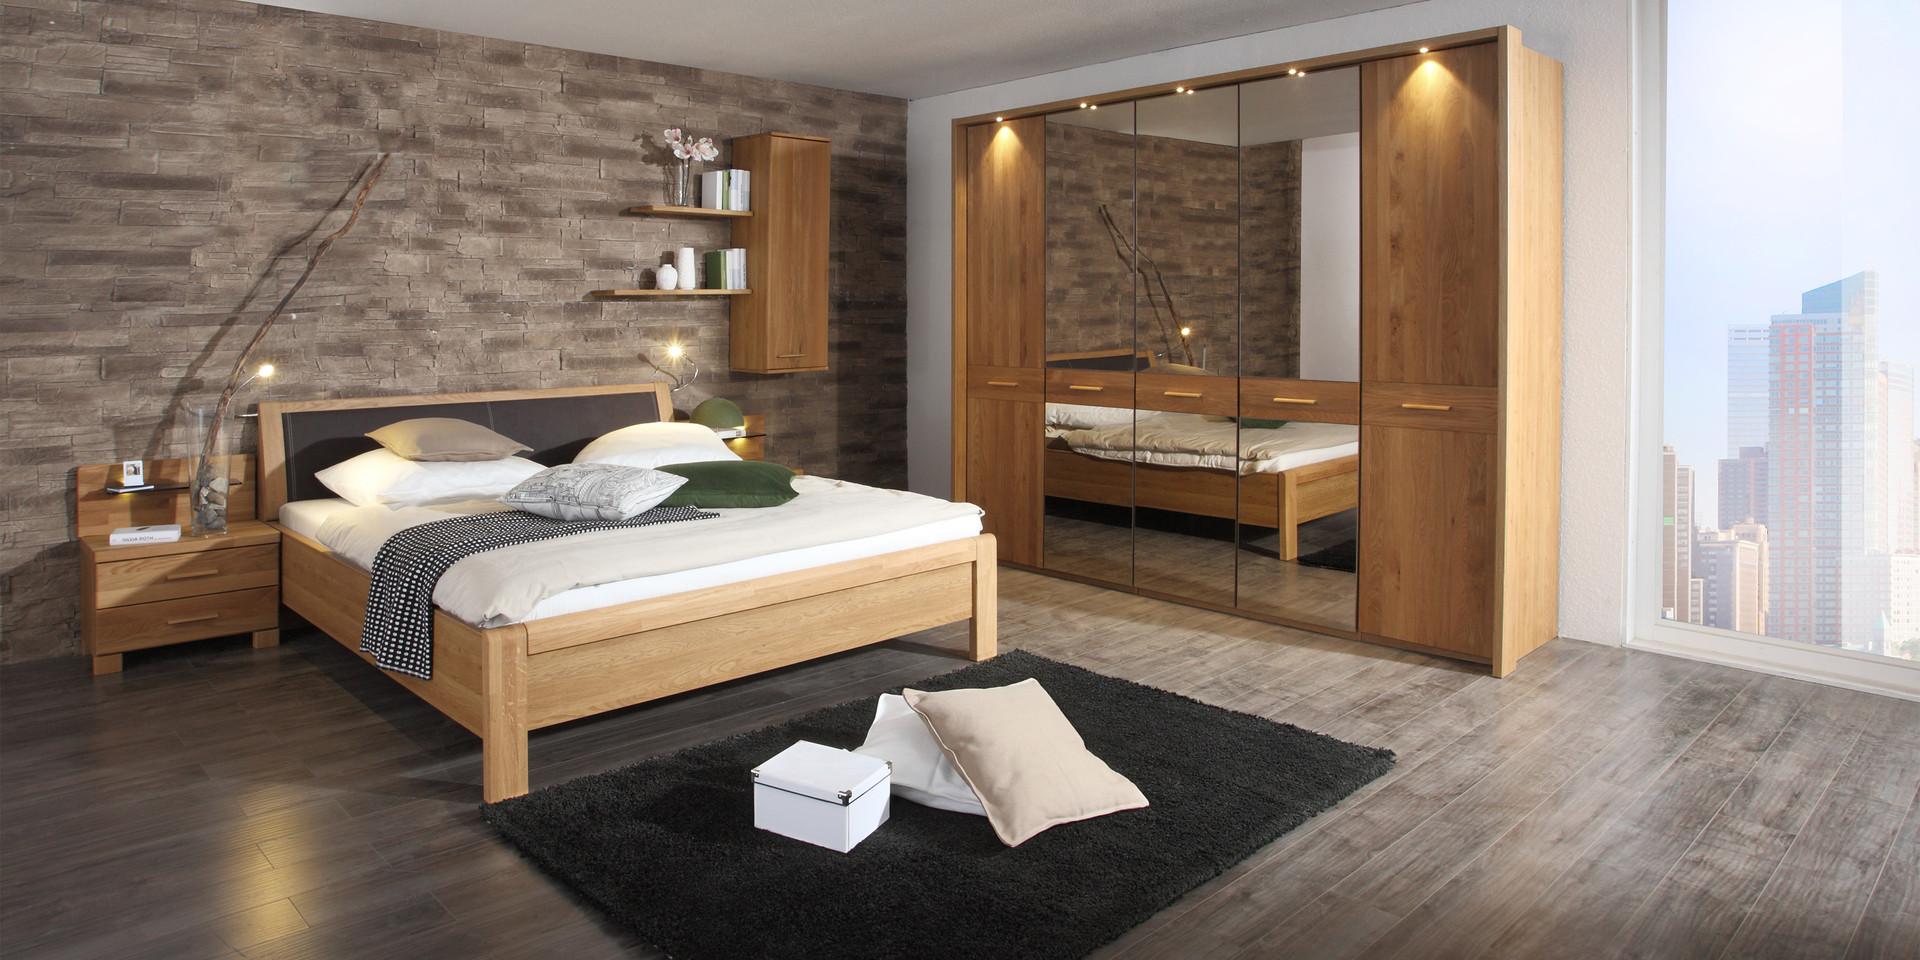 erleben sie das schlafzimmer faro m belhersteller wiemann. Black Bedroom Furniture Sets. Home Design Ideas